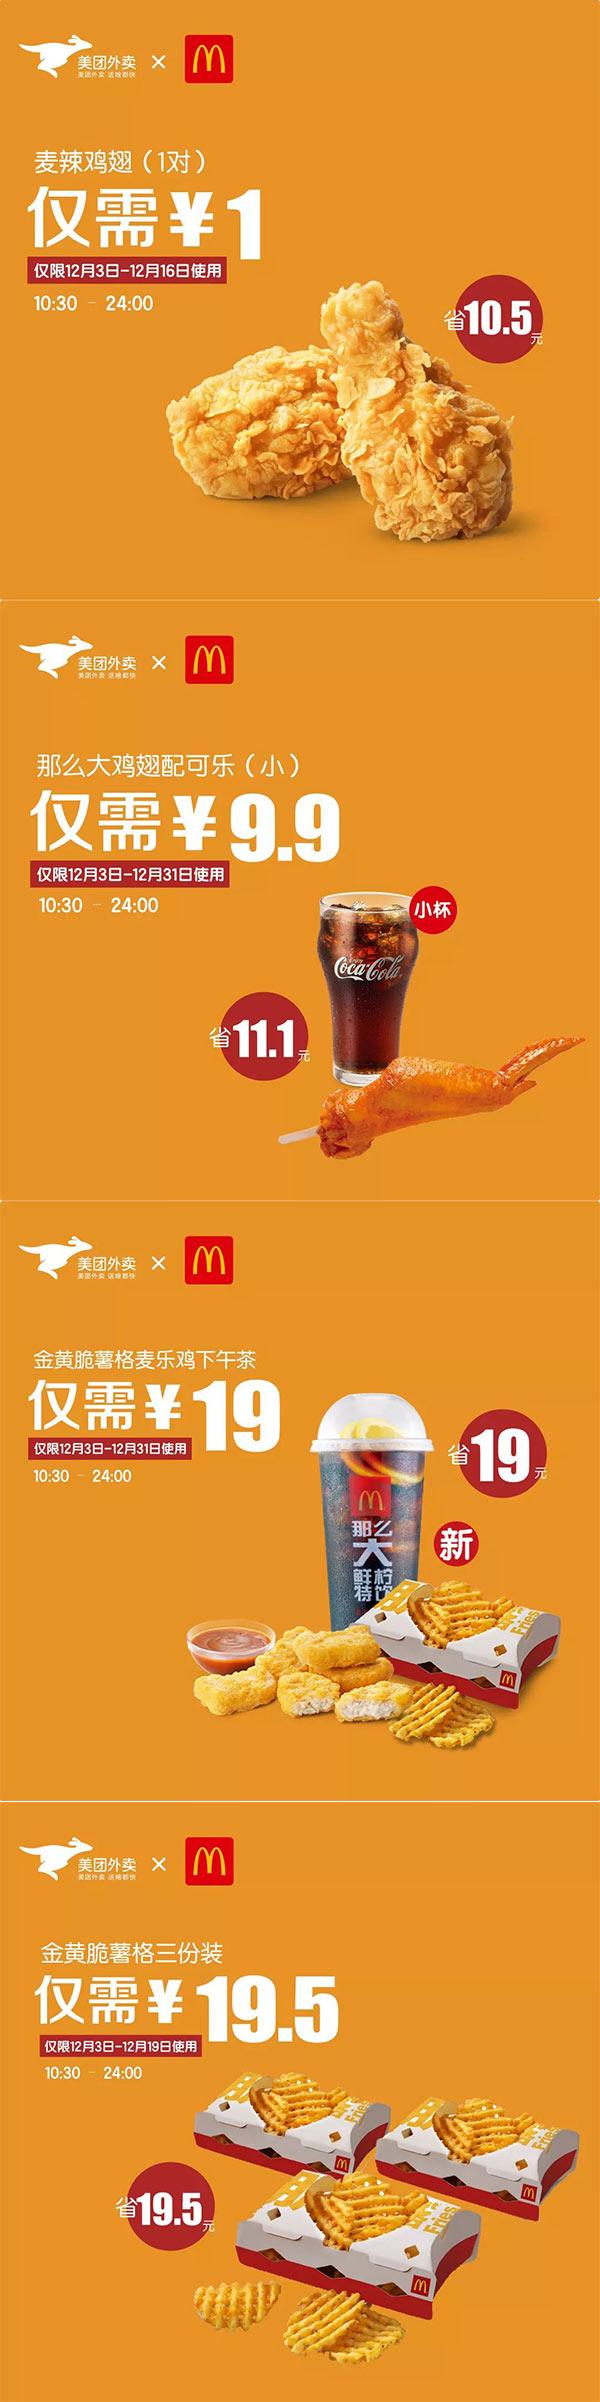 优惠券图片:麦当劳美团外卖1元麦辣鸡翅、9.9元那么大鸡翅配可乐 有效期2018年12月5日-2018年12月31日